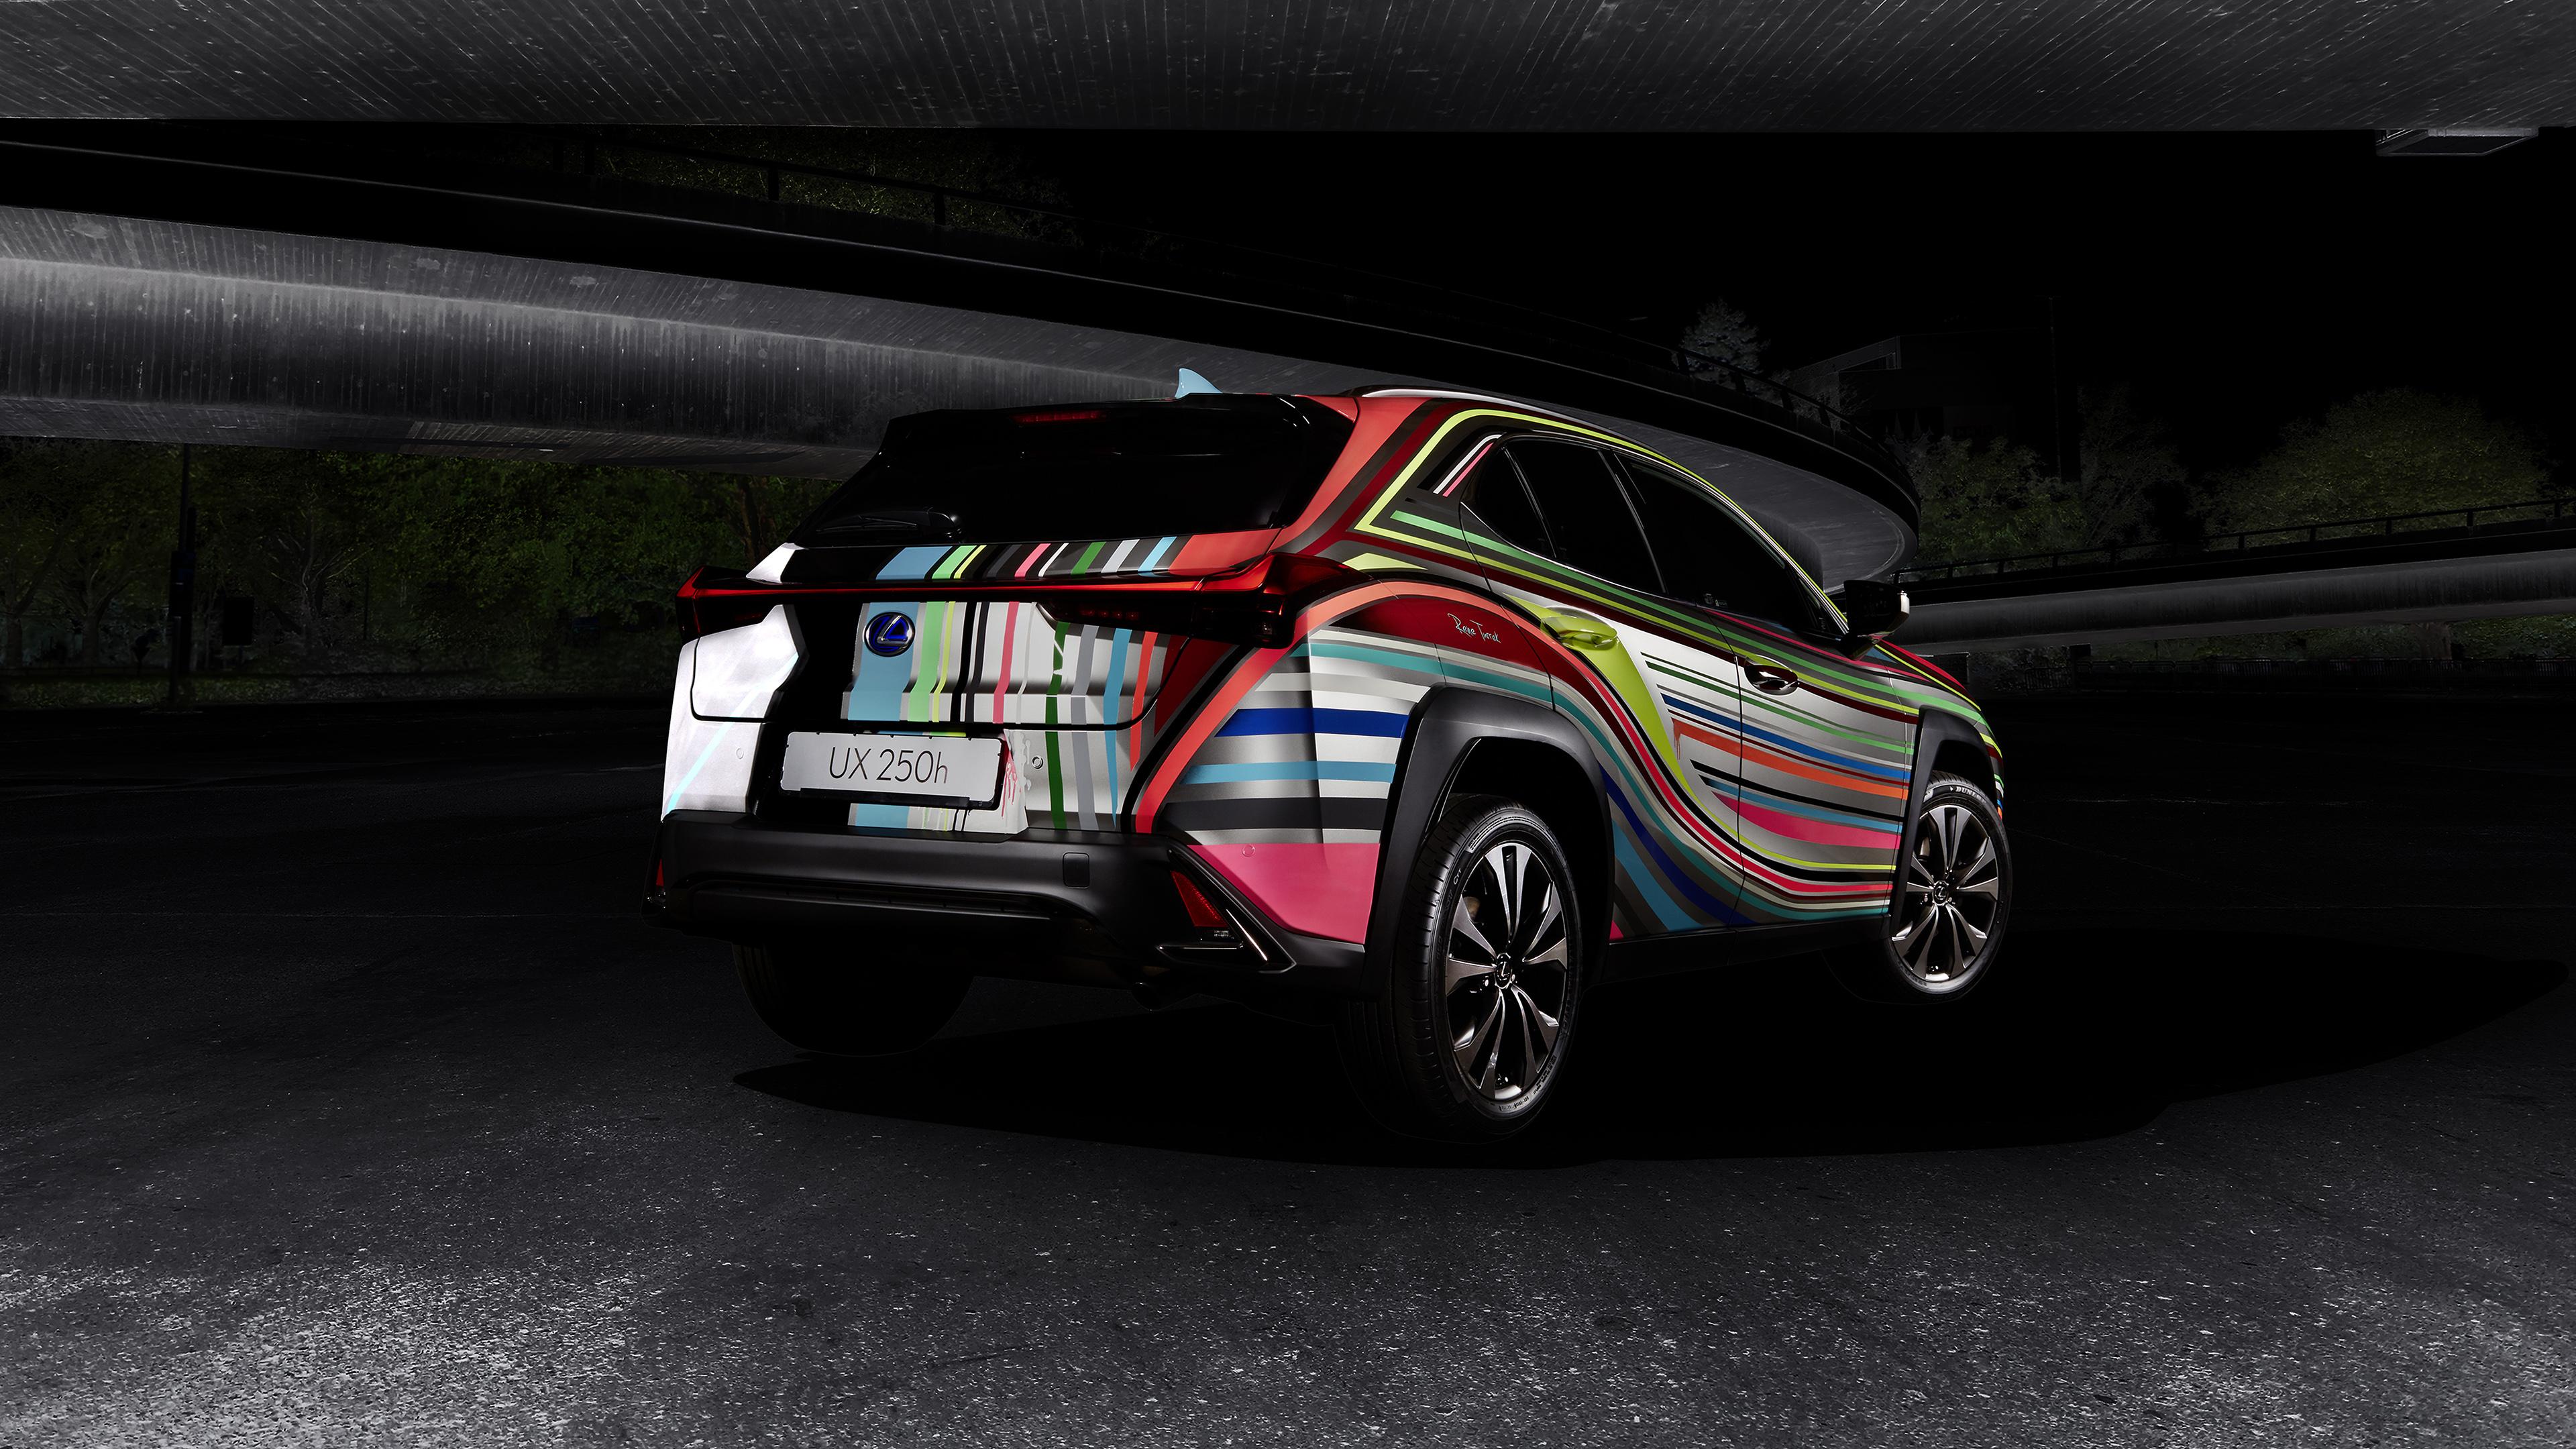 Lexus Ux 250h F Sport By Rene Turrek 2019 4k 3 Wallpaper Hd Car Wallpapers Id 12655